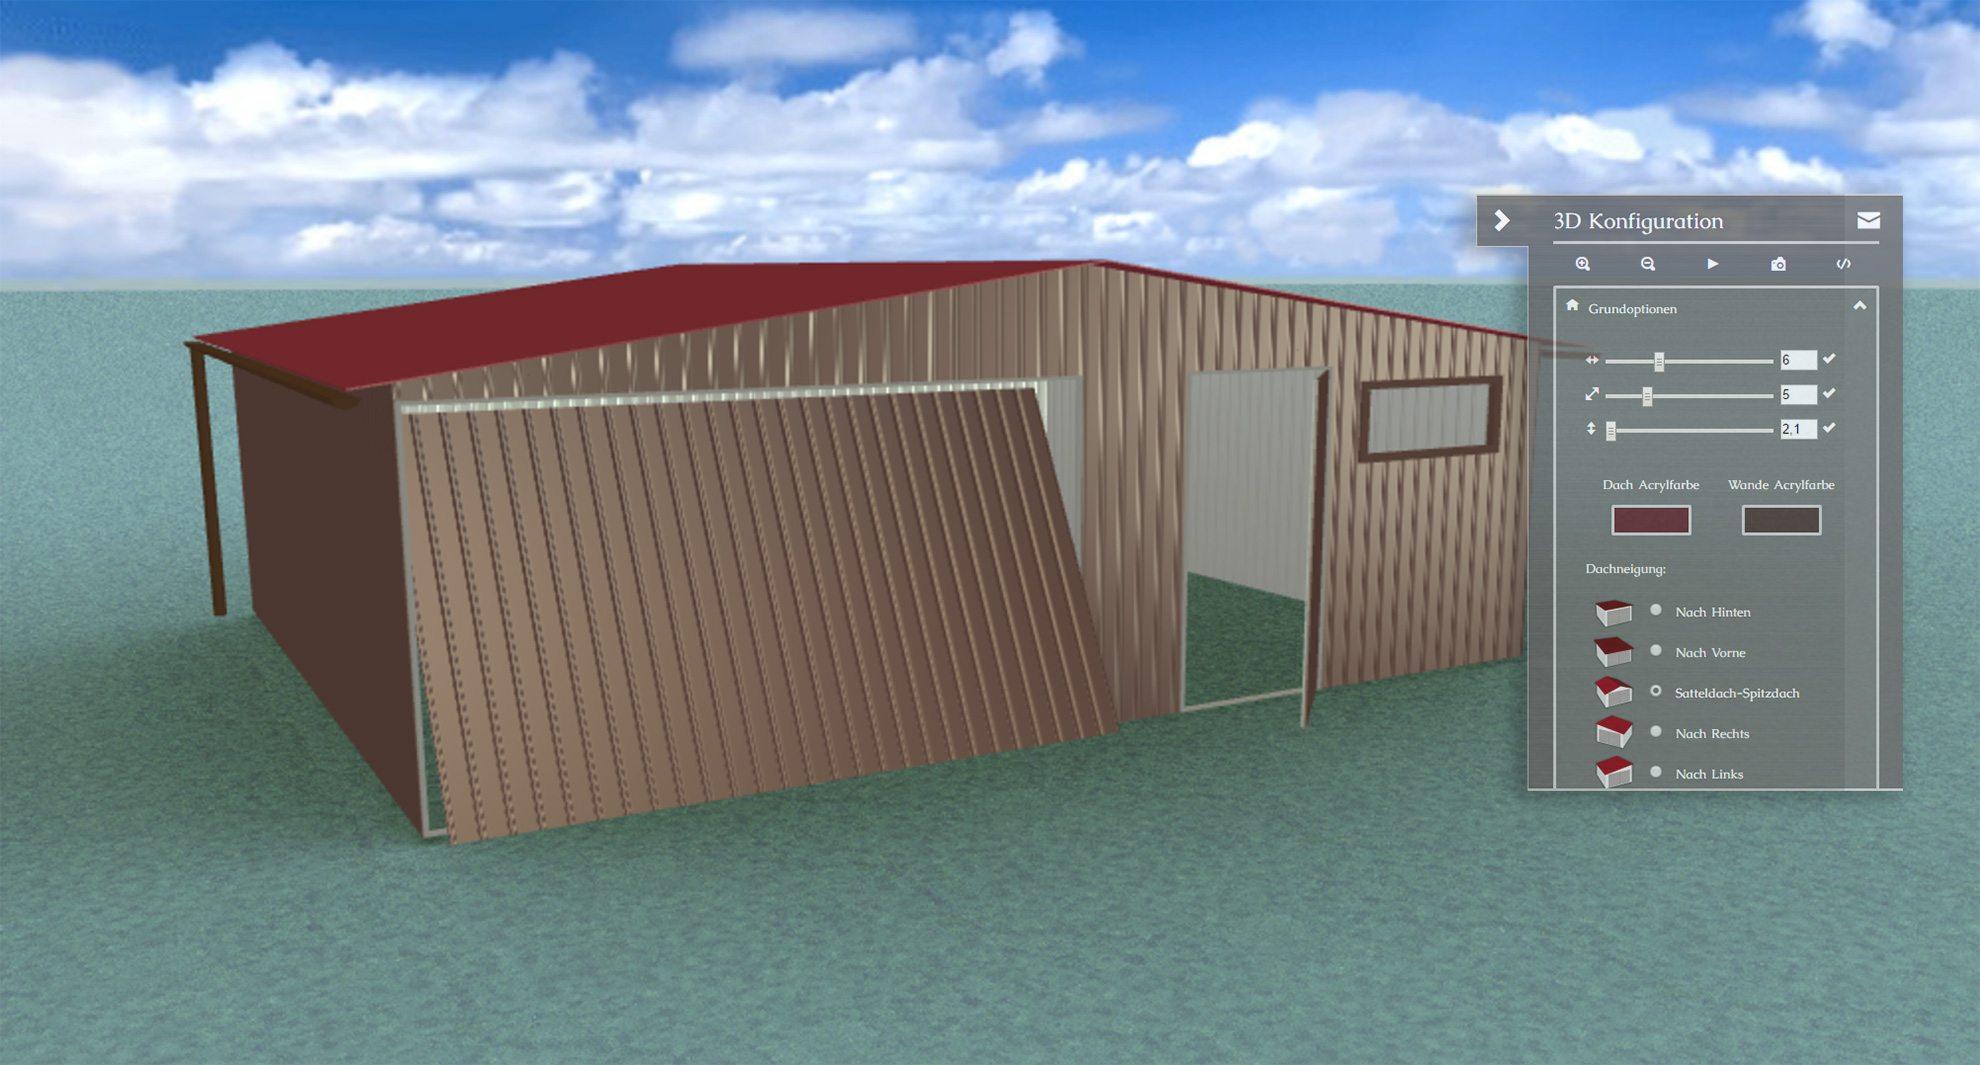 Fertiggarage 6x6m blechgaragen garagen mehrzweckhalle unterstellplatz für auto